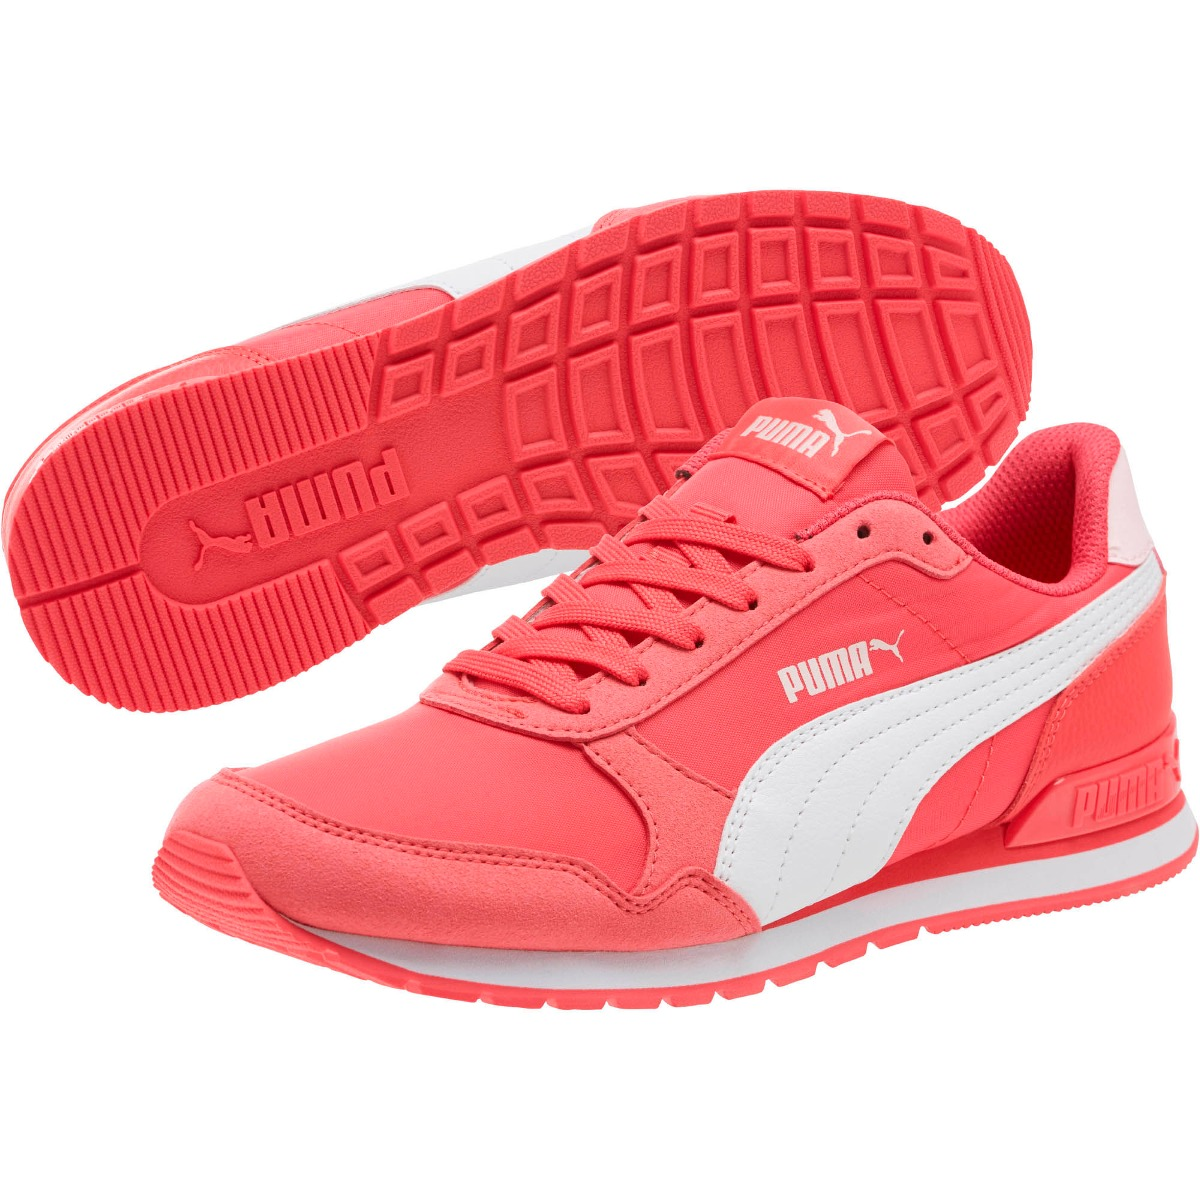 tênis puma st runner v2 nl pink branco feminino junior. Carregando zoom. 8d80501fce198